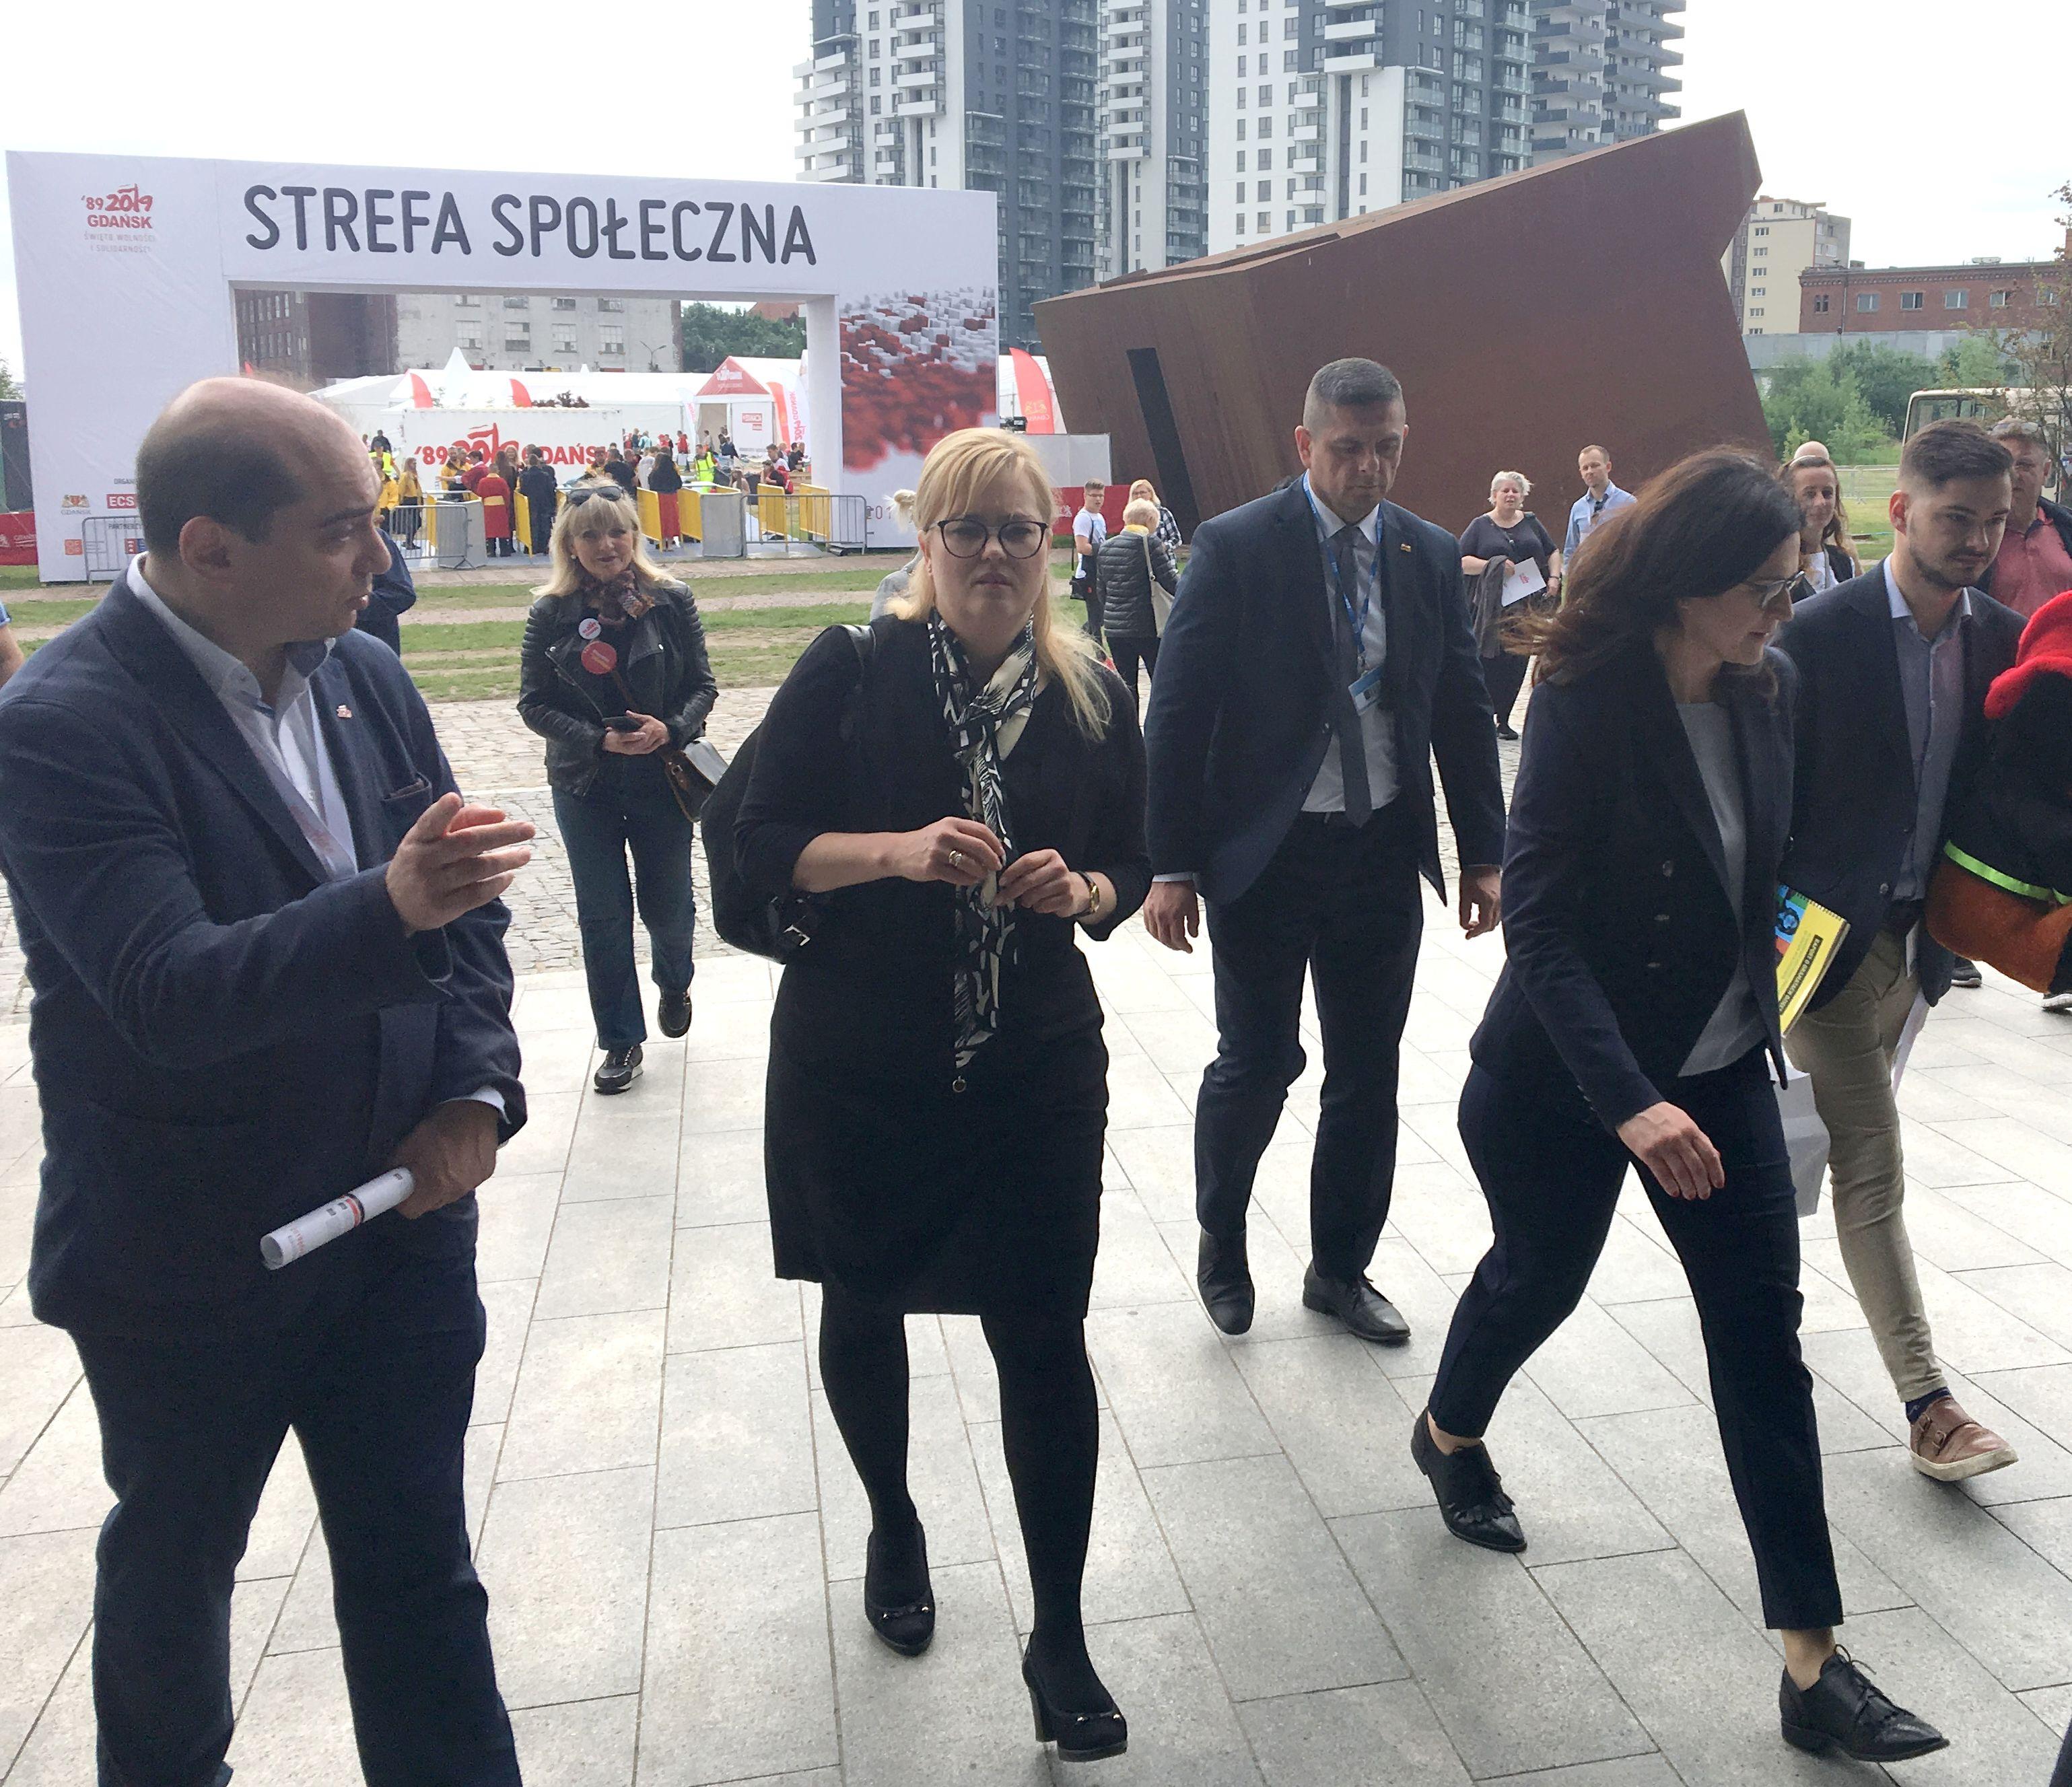 Swieto Wolnosci i Solidarnosci Fot_J_Wikowski IMG_0171